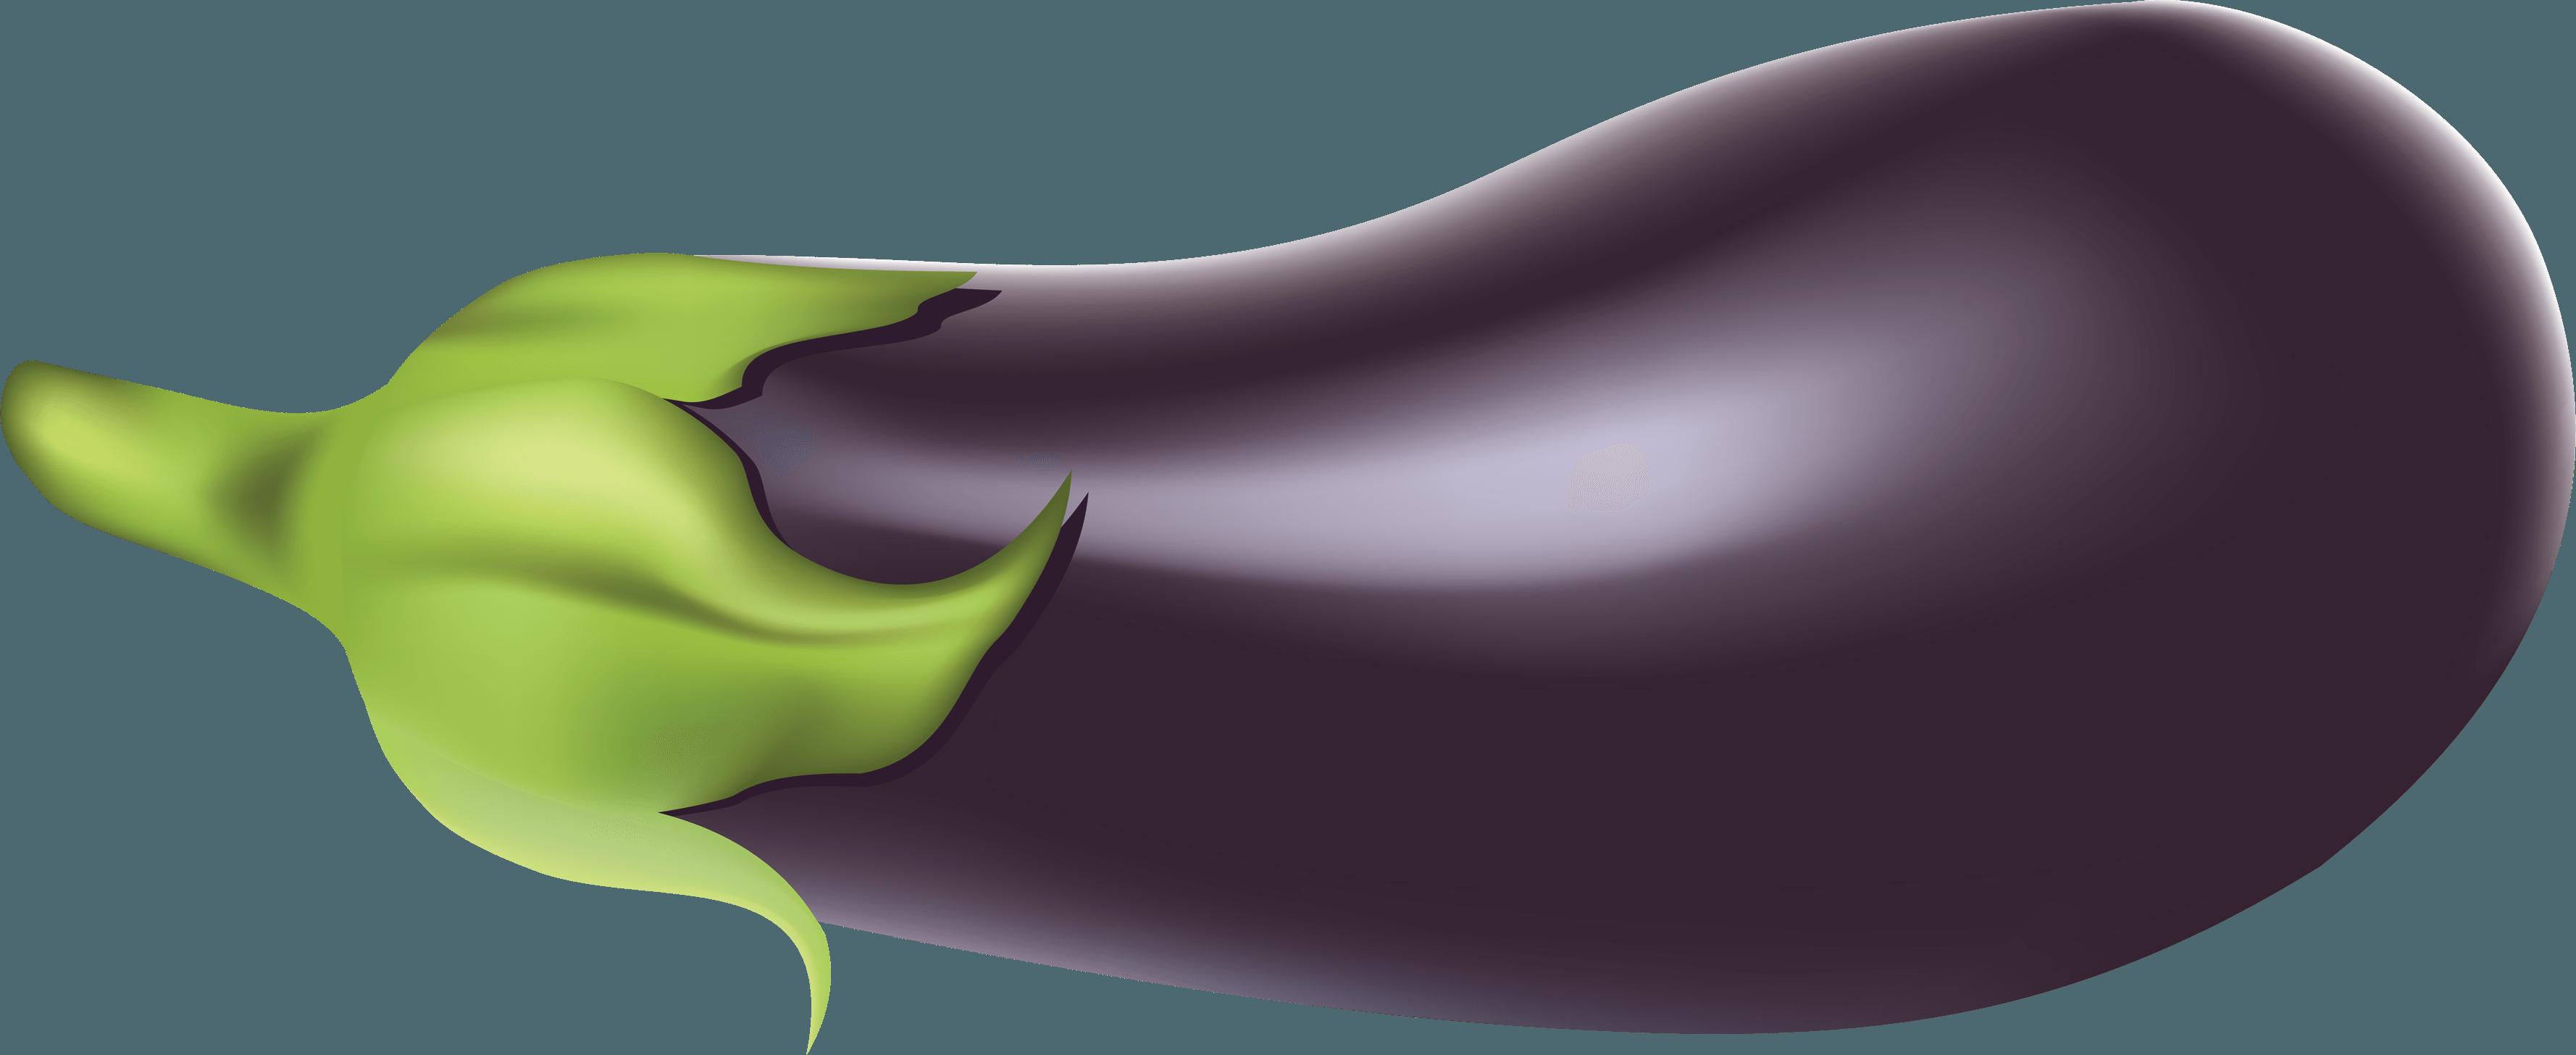 Eggplant PNG-PlusPNG.com-3556 - Eggplant PNG